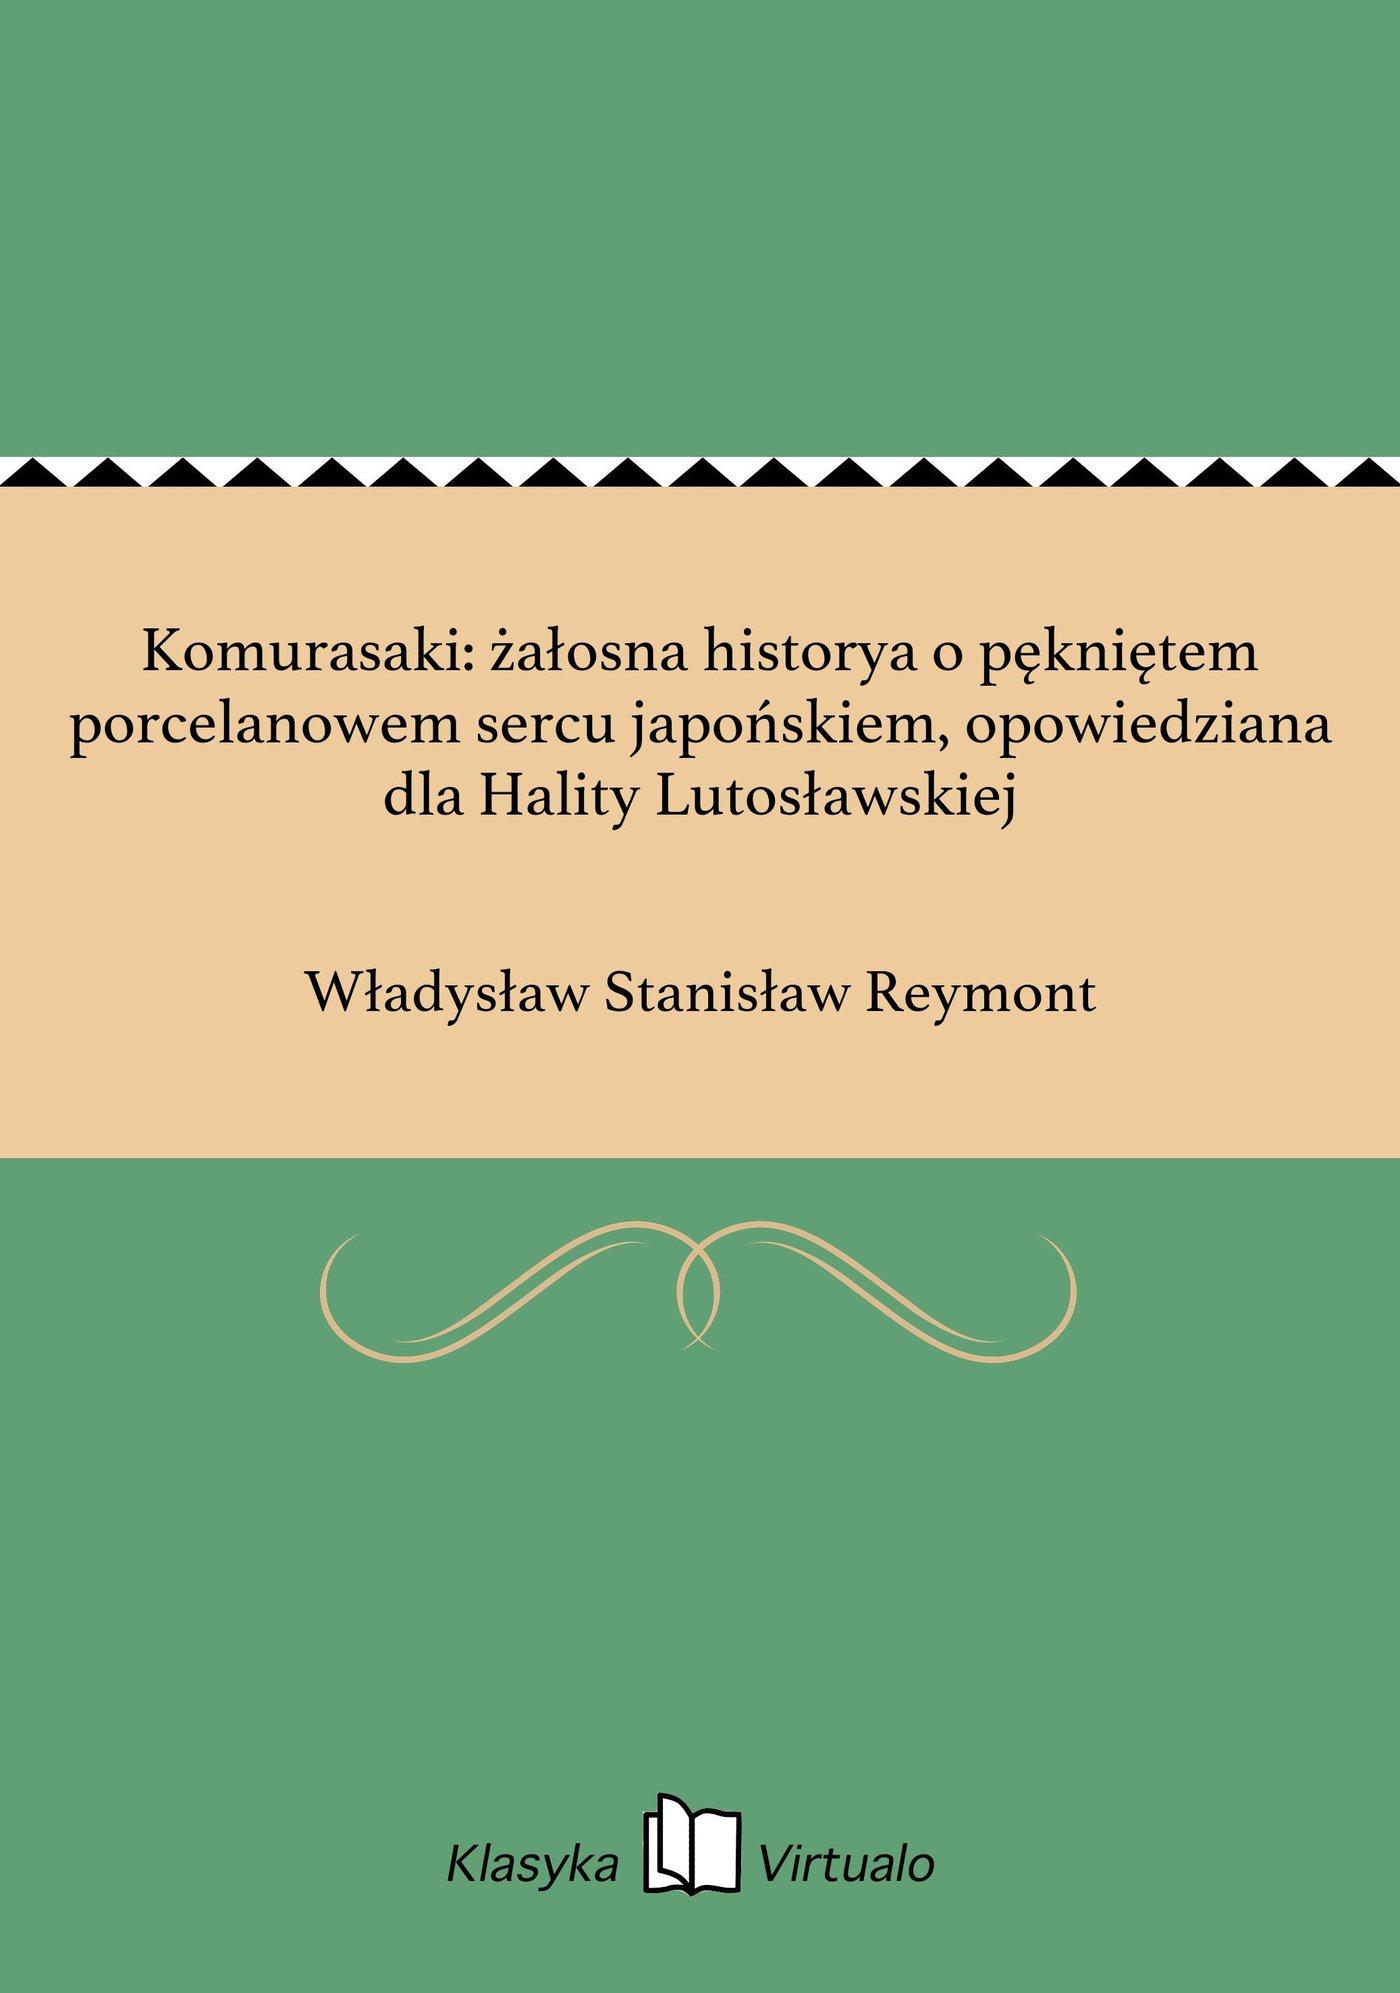 Komurasaki: żałosna historya o pękniętem porcelanowem sercu japońskiem, opowiedziana dla Hality Lutosławskiej - Ebook (Książka EPUB) do pobrania w formacie EPUB